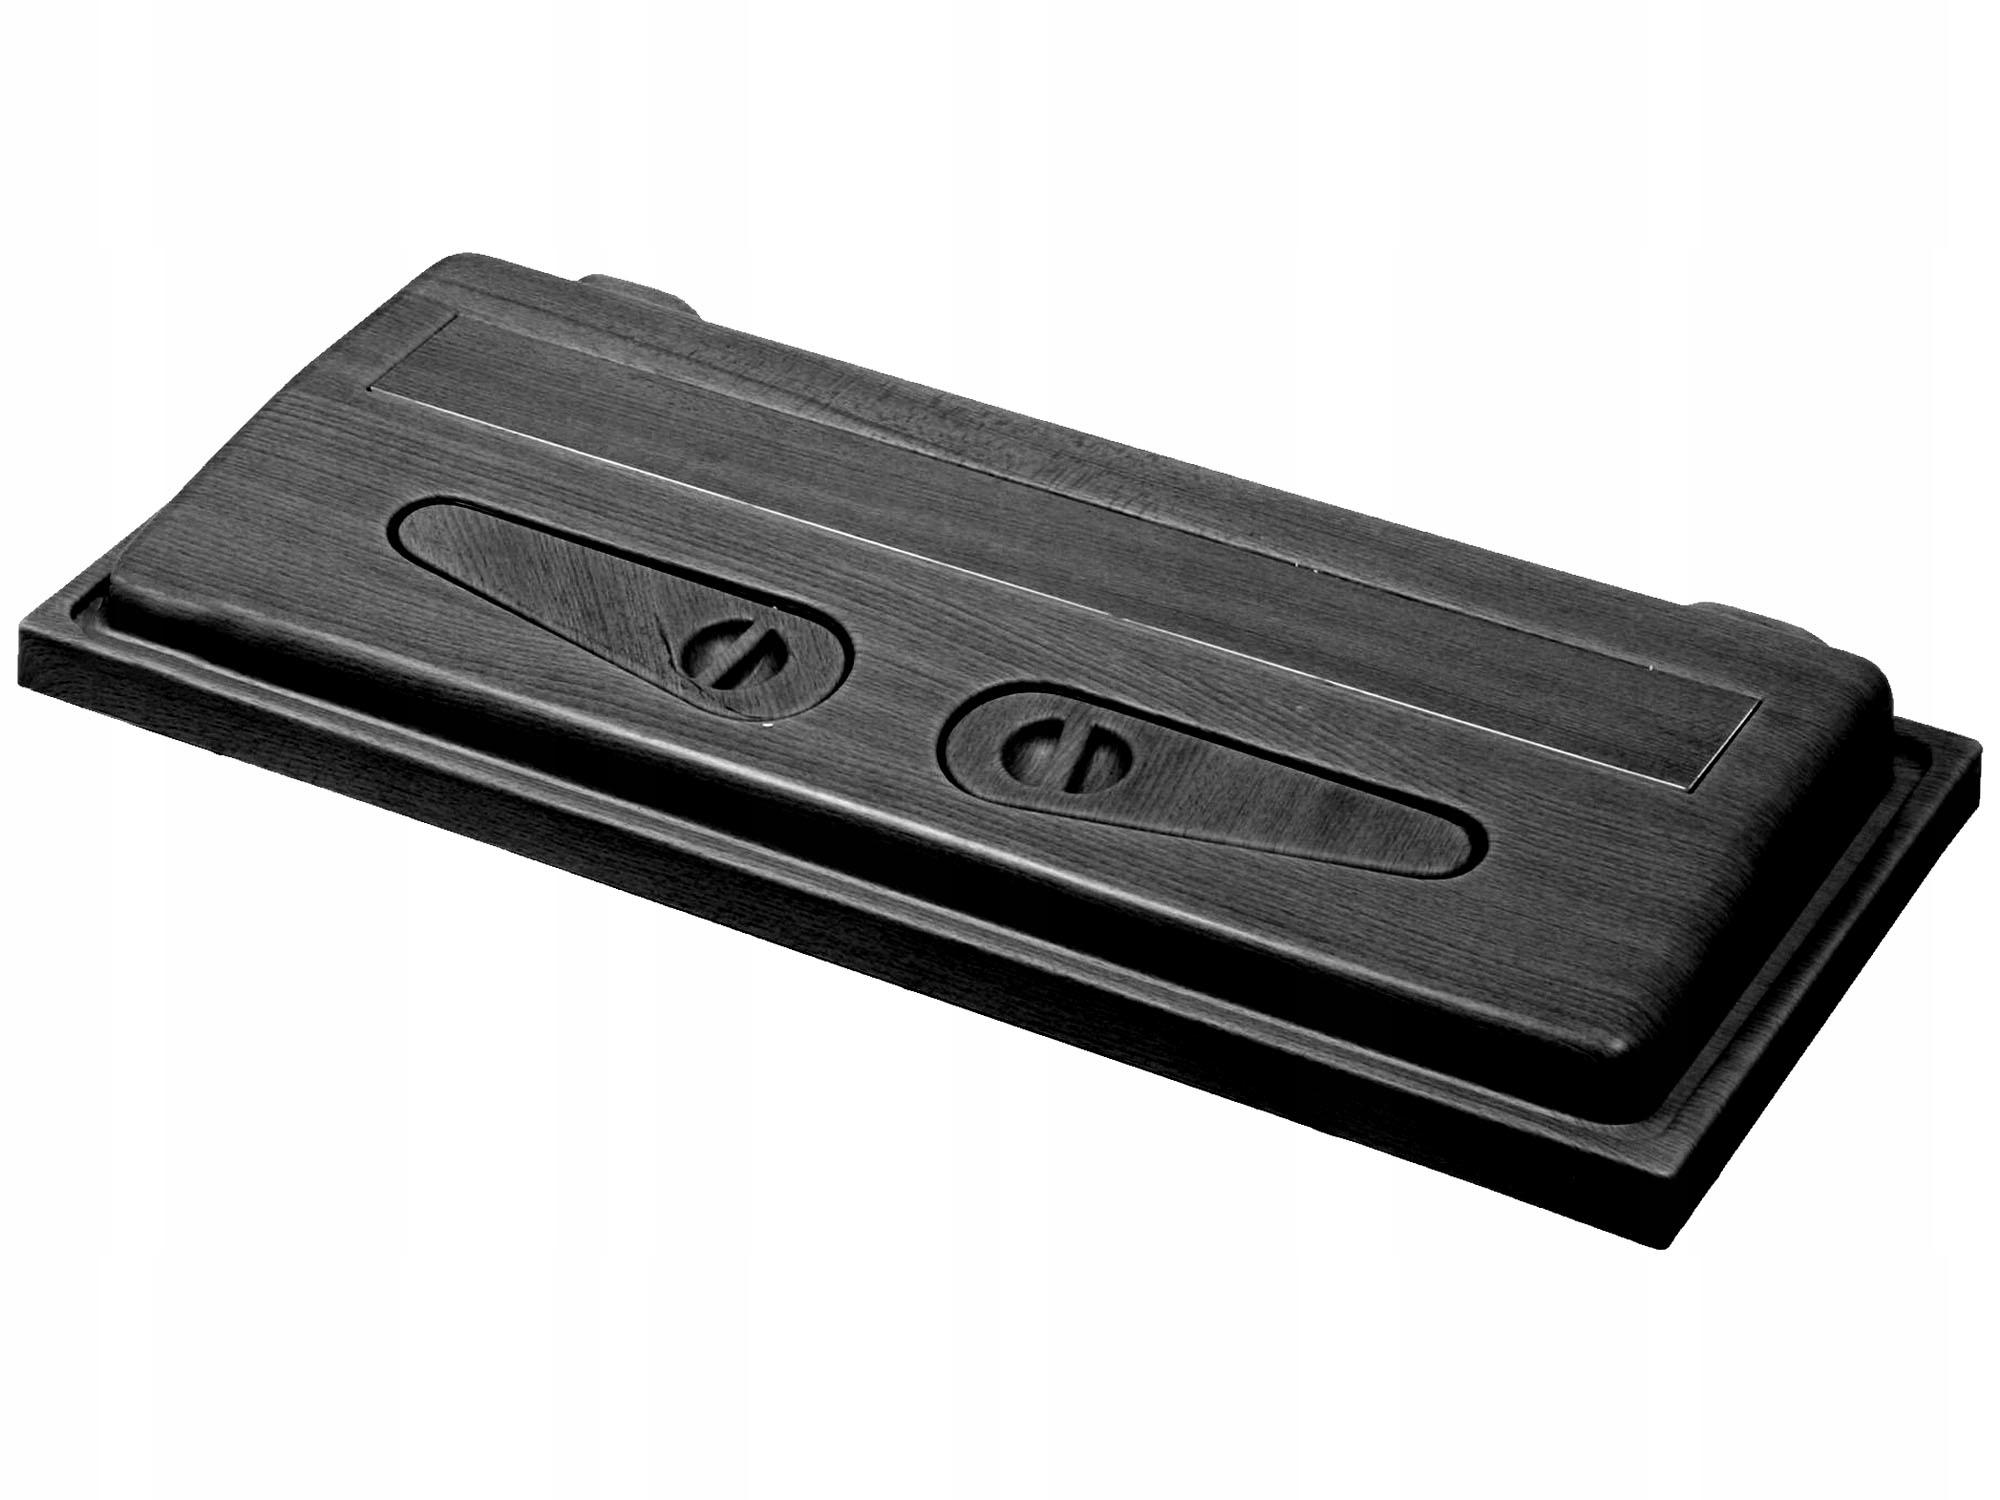 Kryt pre akvárium - čierny jednoduchý 80x35 - Wromak